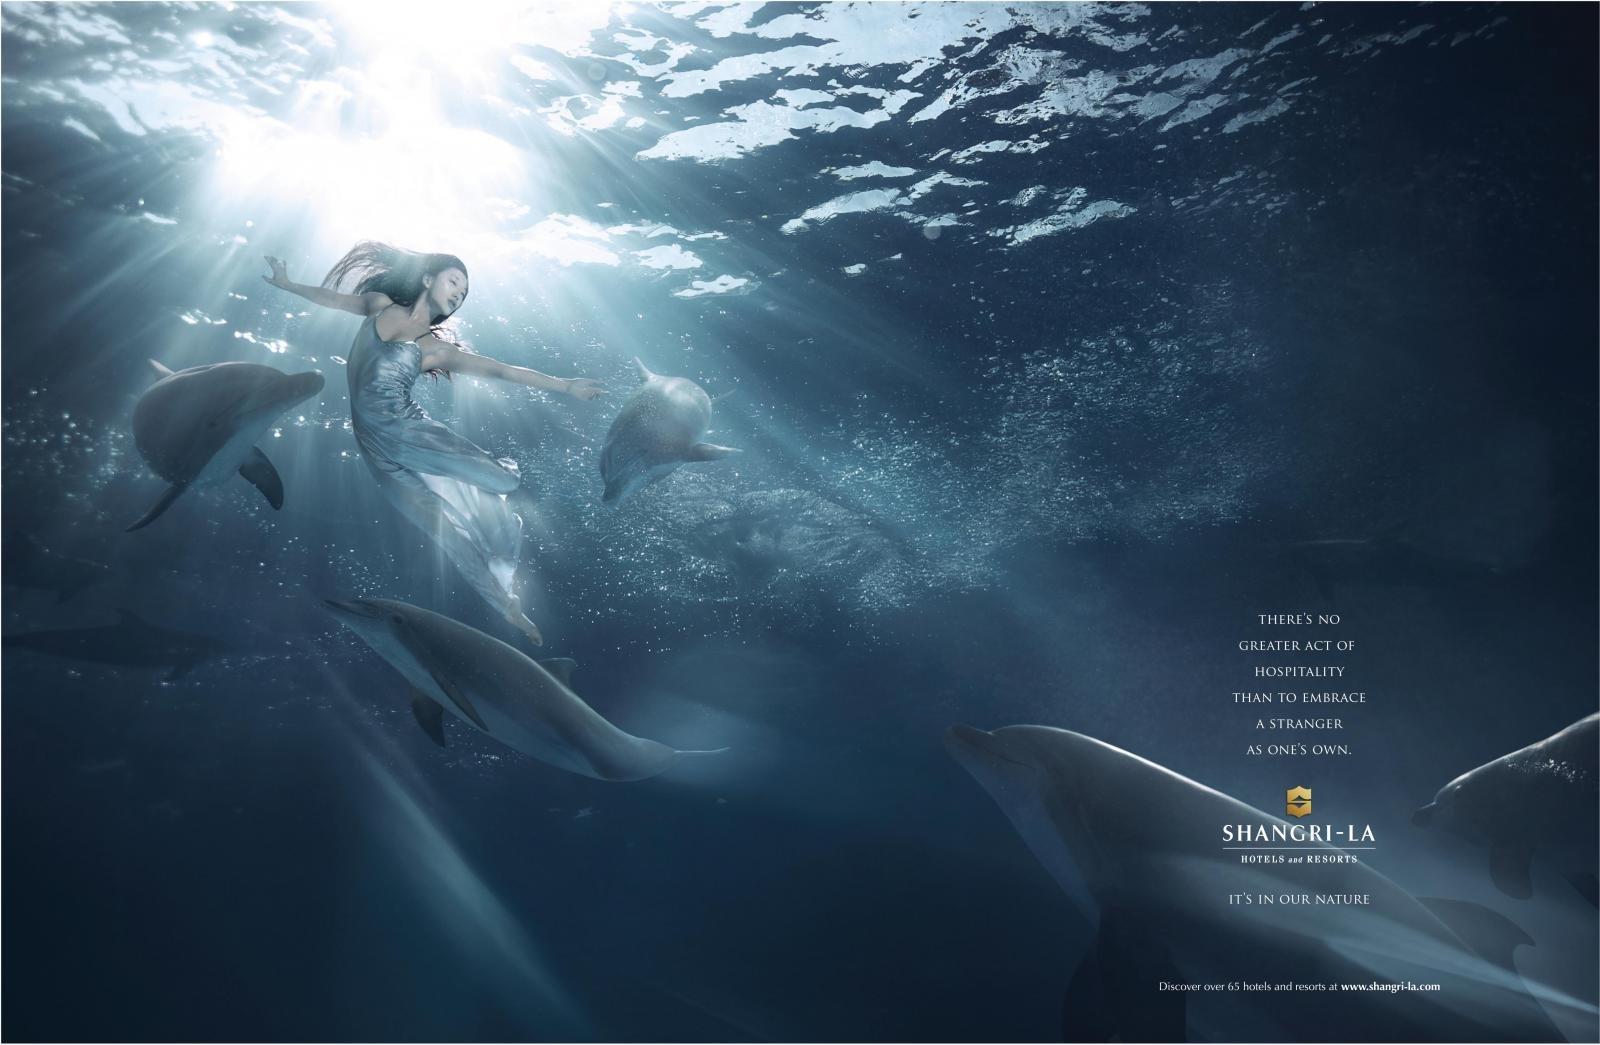 香格里拉酒店广告欣赏图片